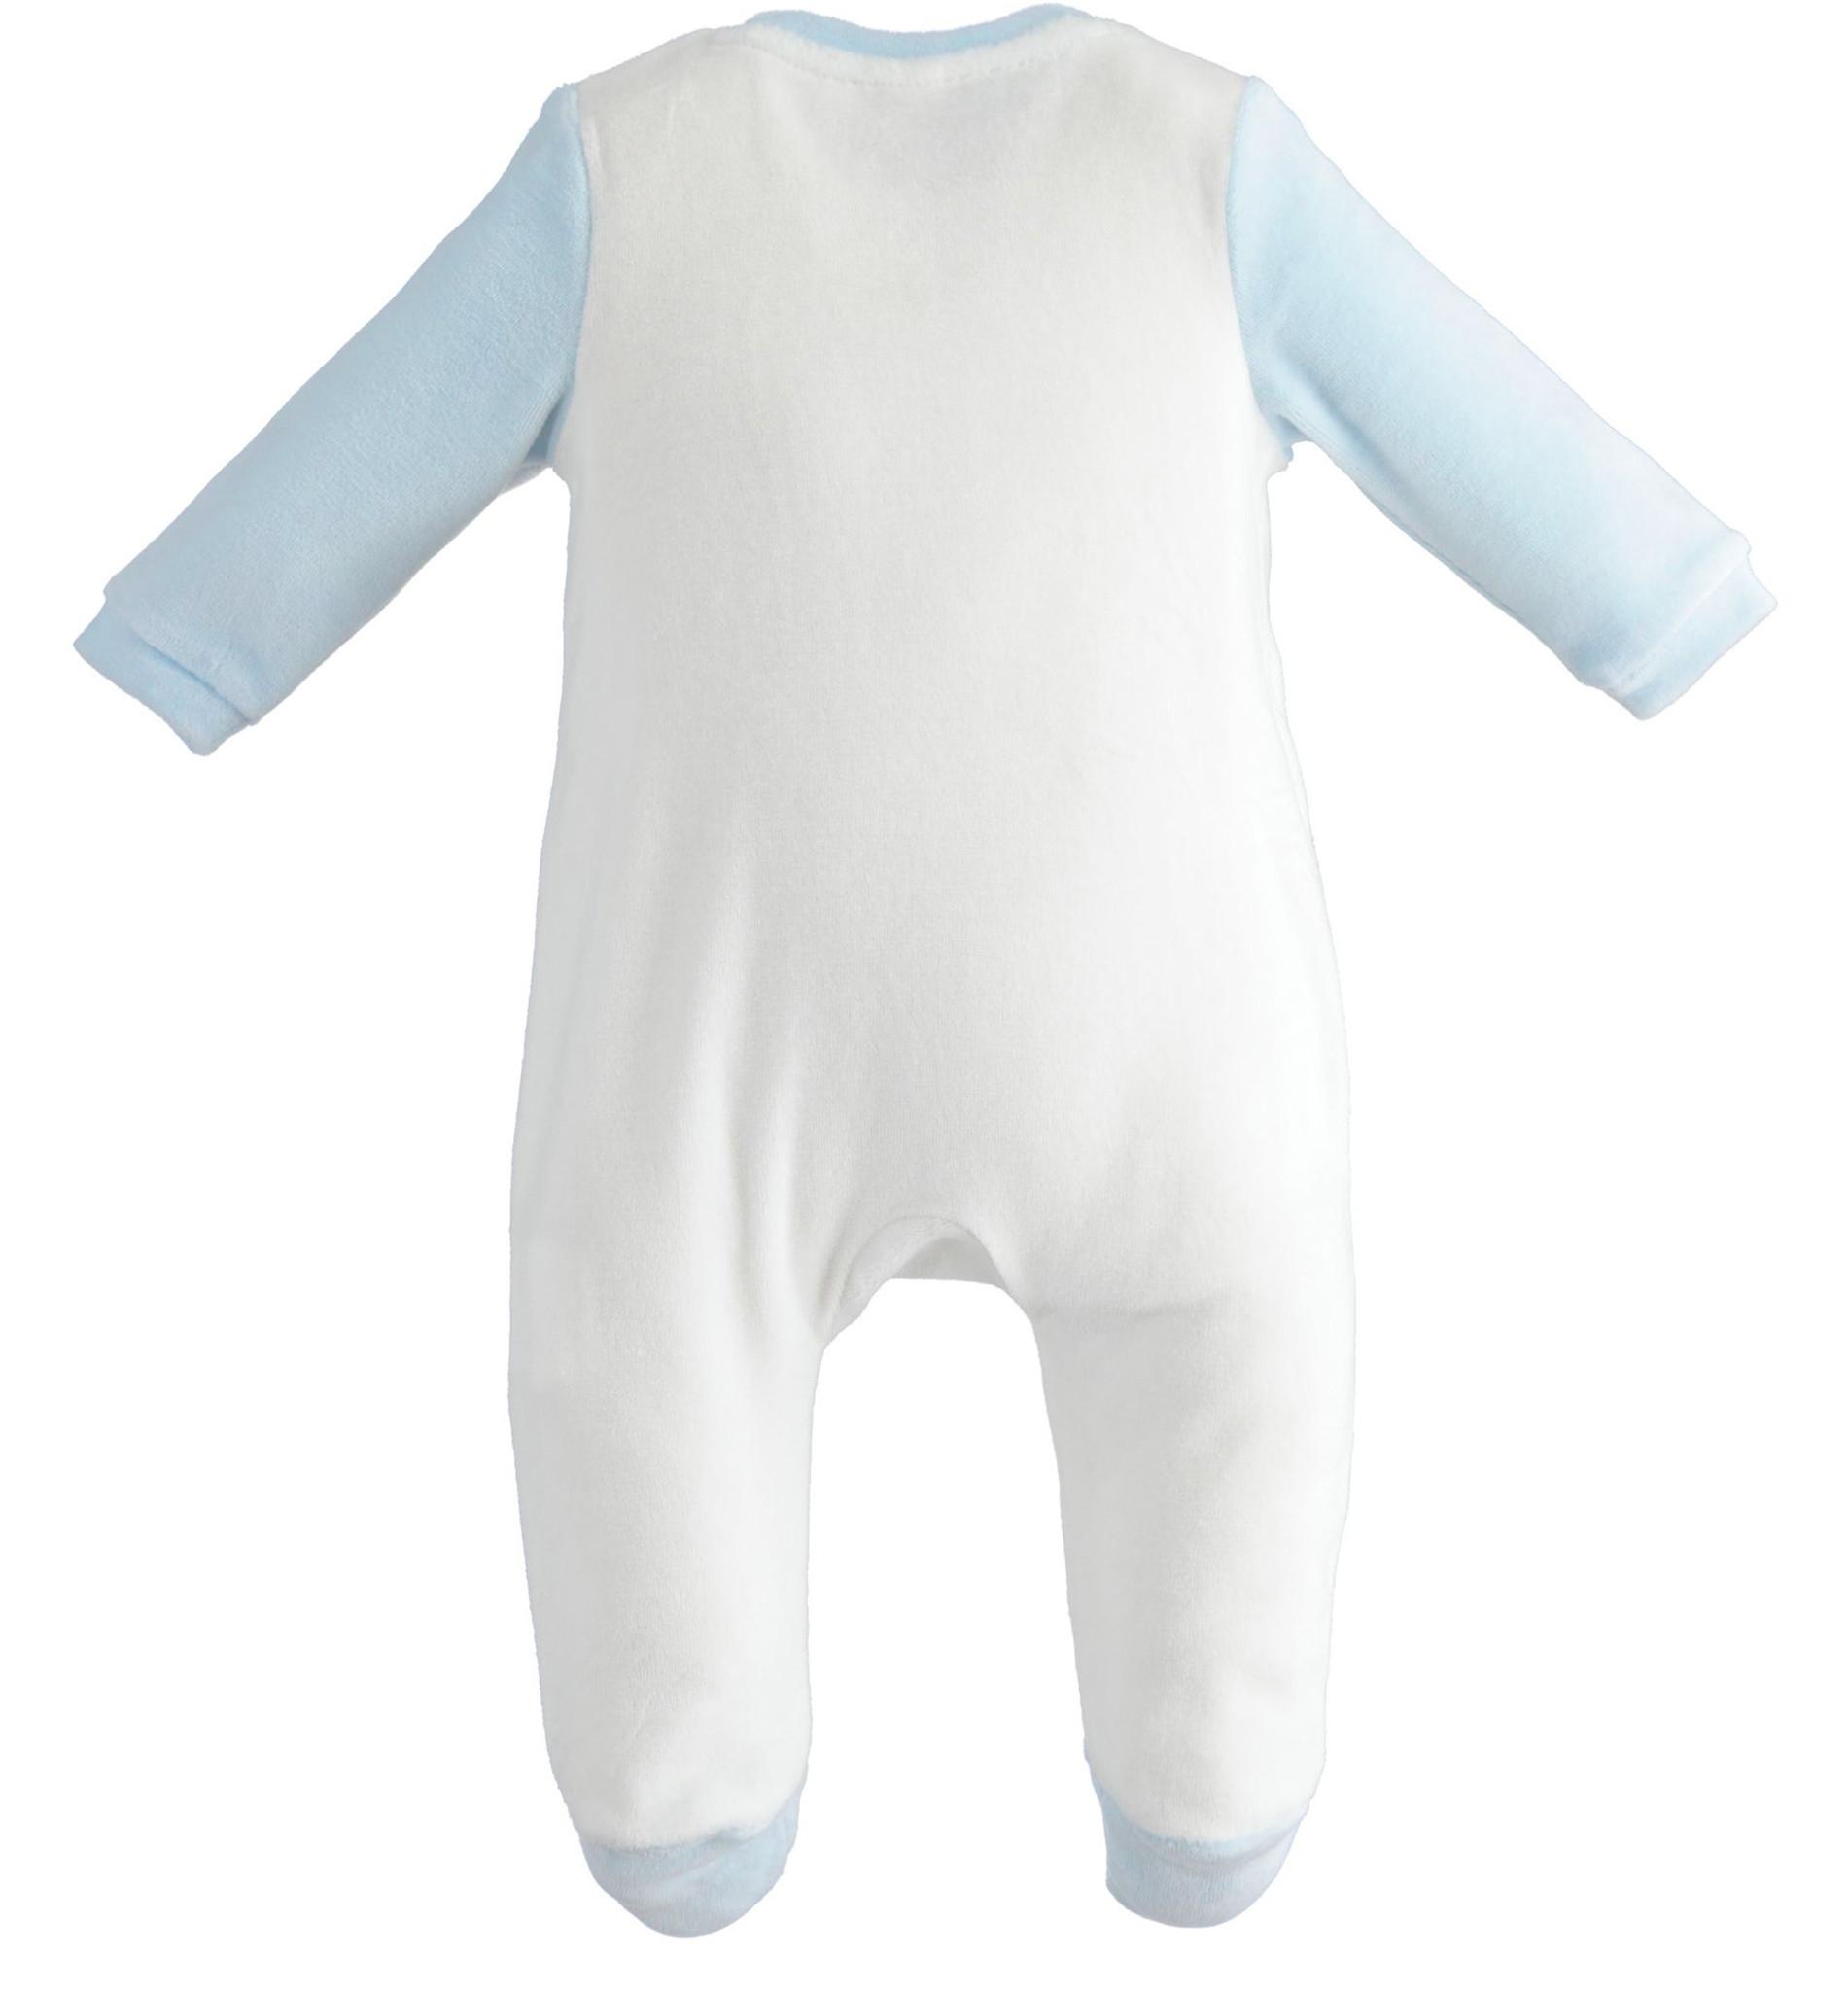 Ido iDO White and Blue Velour Babygrow - 43161